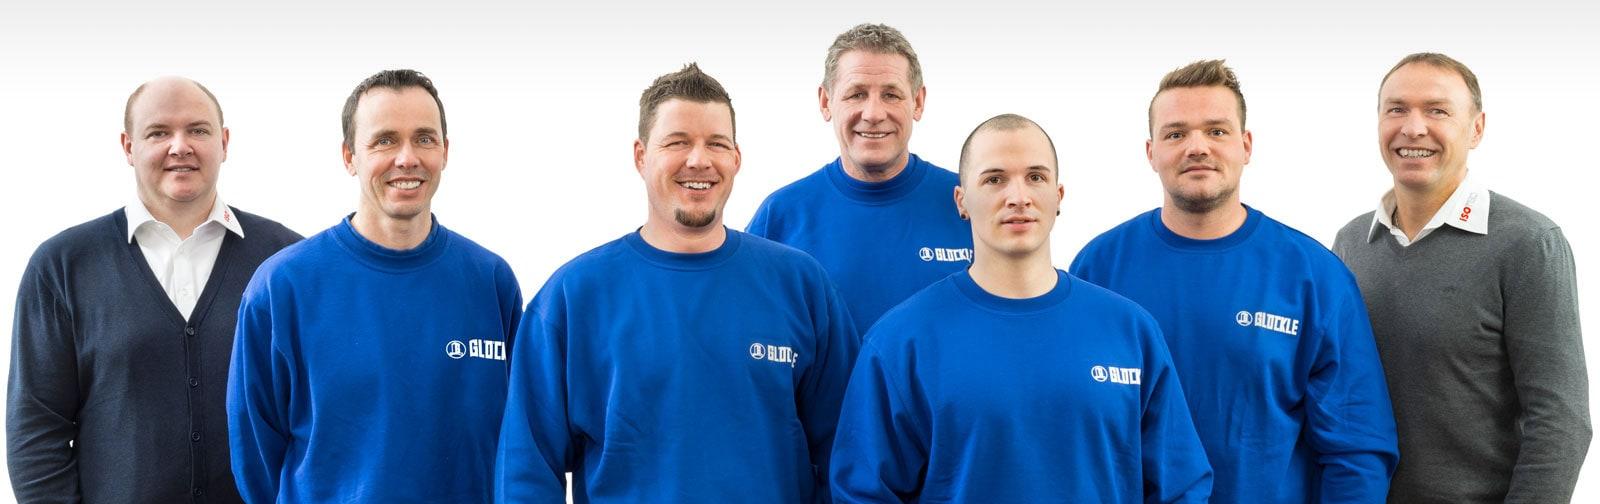 Das komplette Glöckle-Isotec-Team